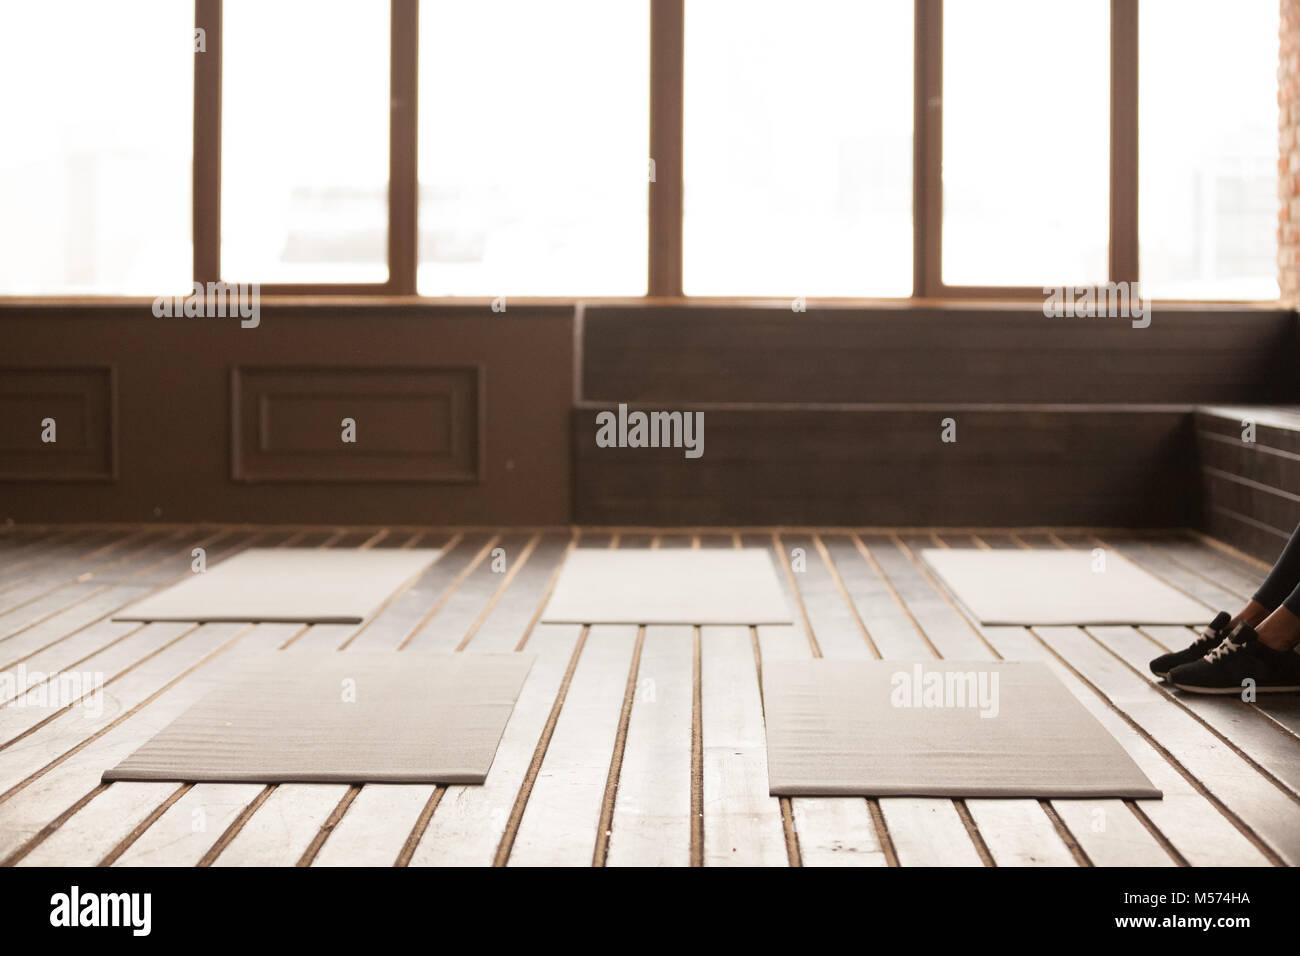 Estudio con colchonetas para yoga sobre un piso de madera para formación en grupo Imagen De Stock